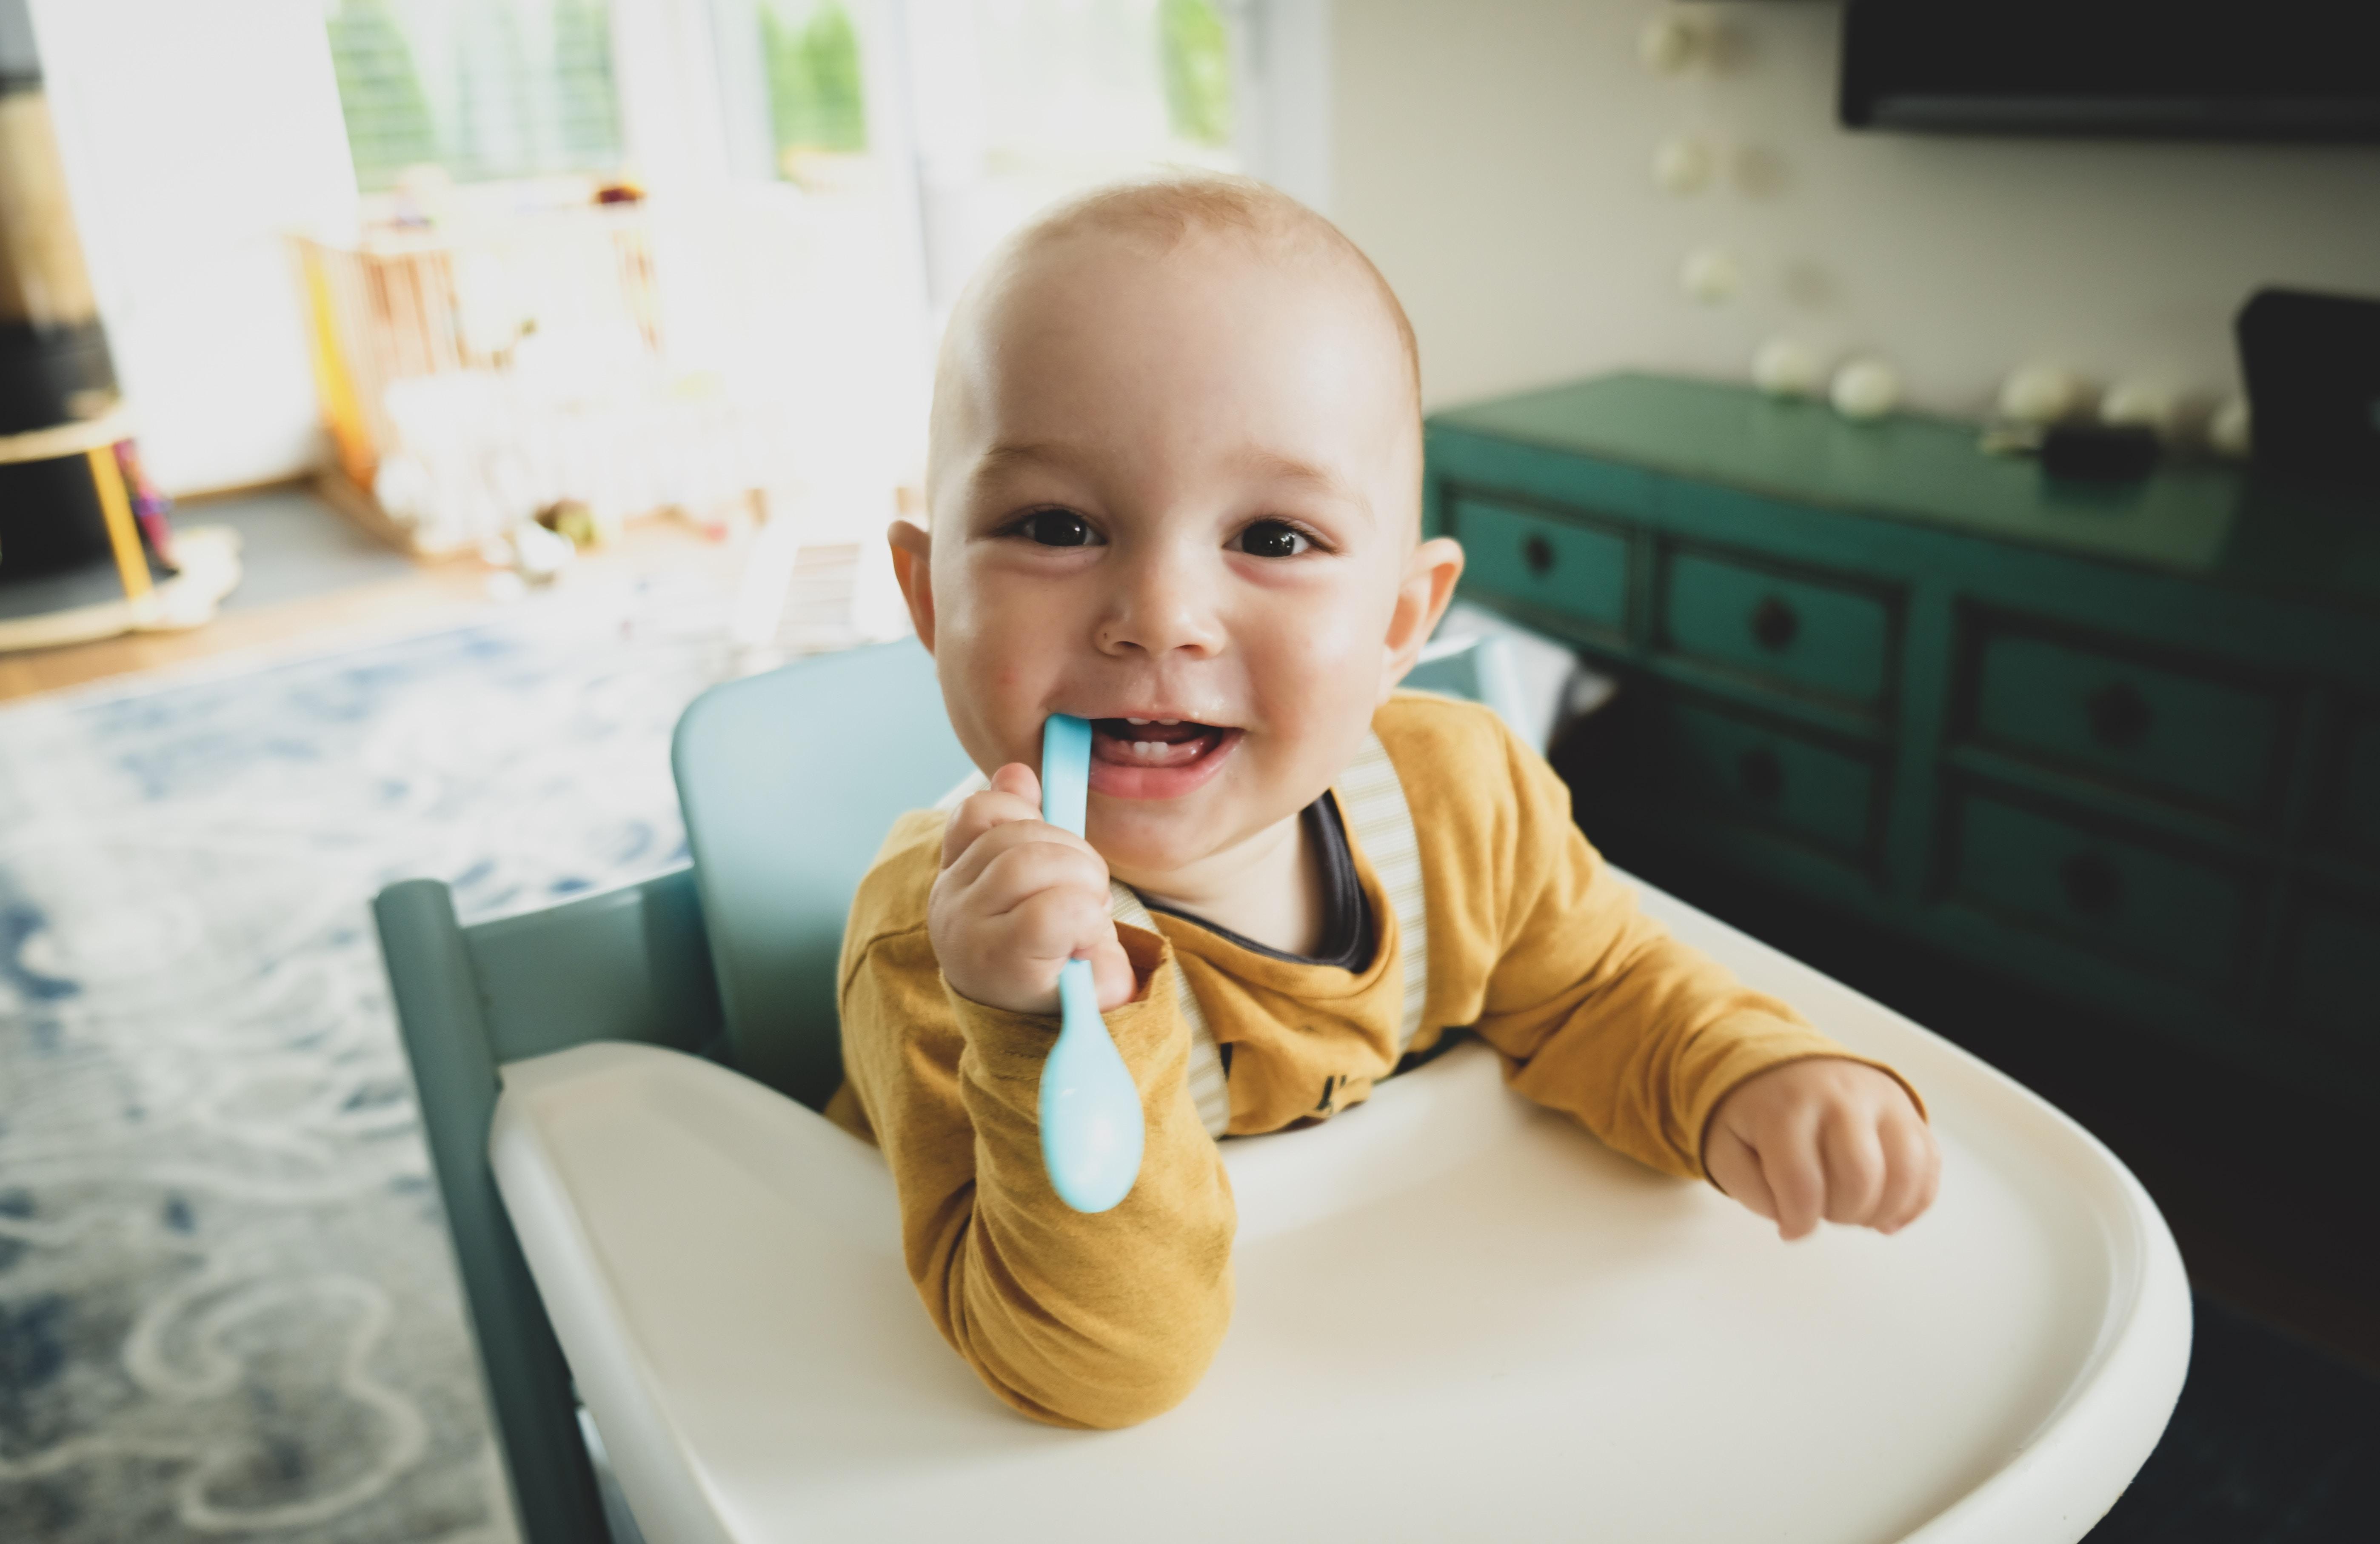 Studio Dentistico Riccardi Lodi - Lo specialista dei bambini